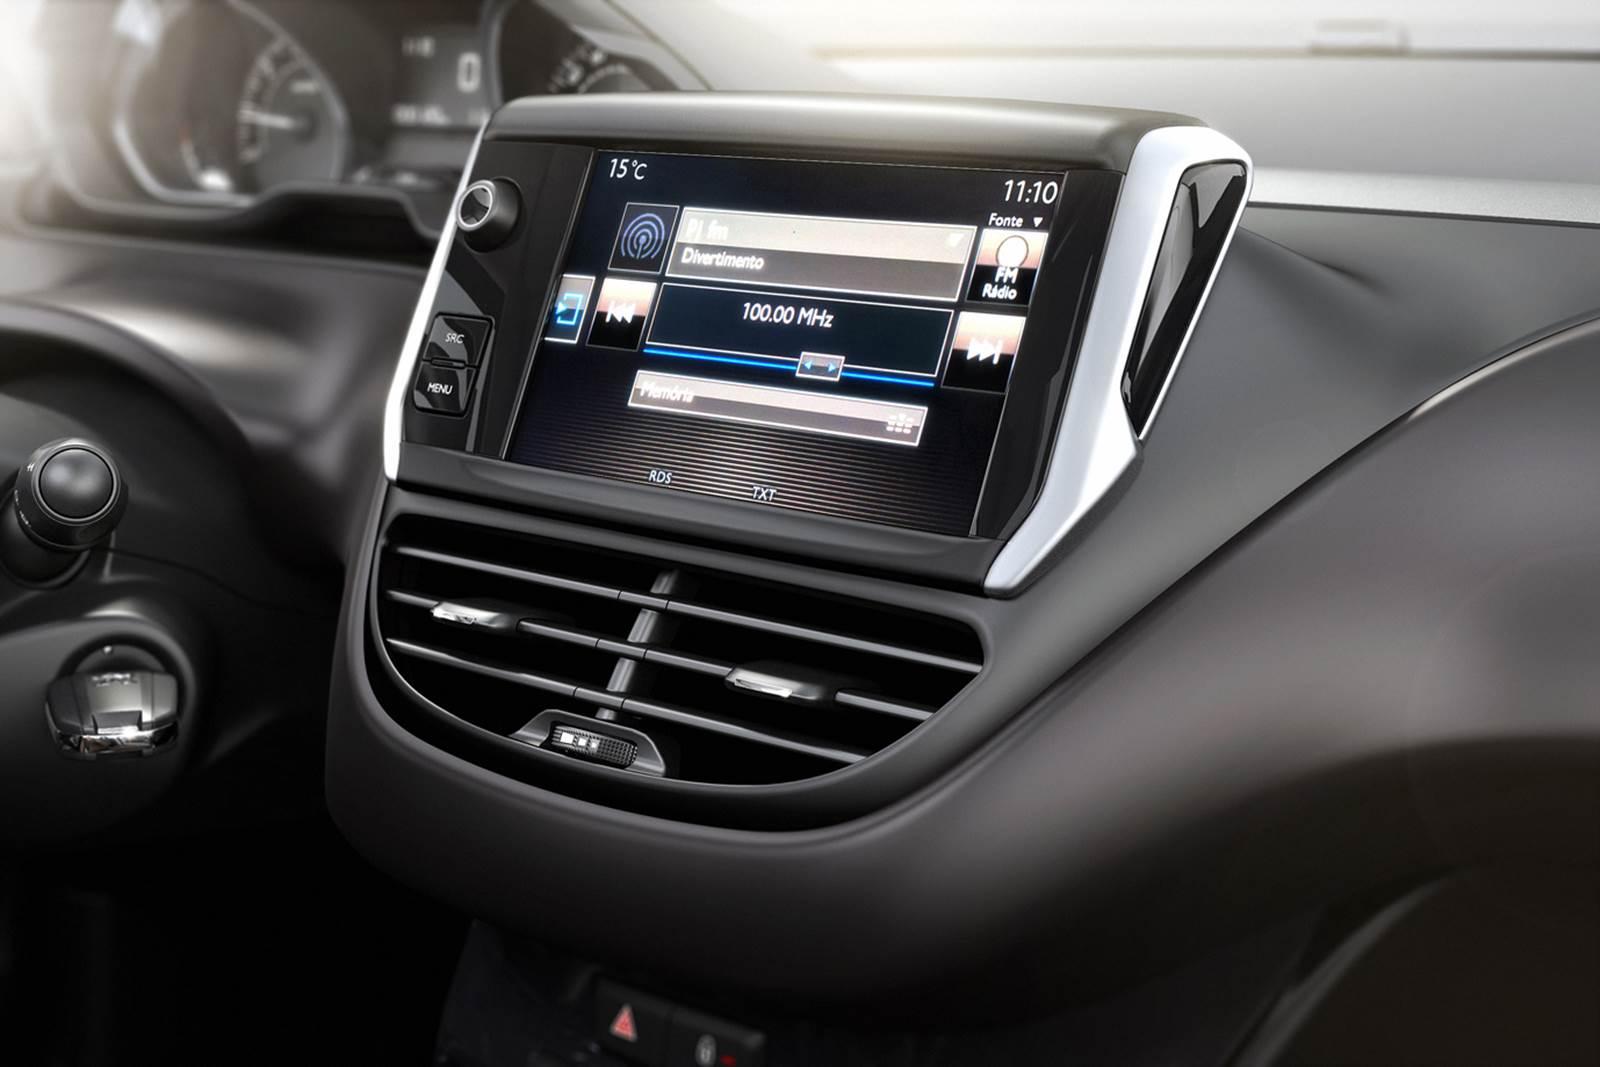 Novo Peugeot 2008 - interior - painel - sistema multimídia